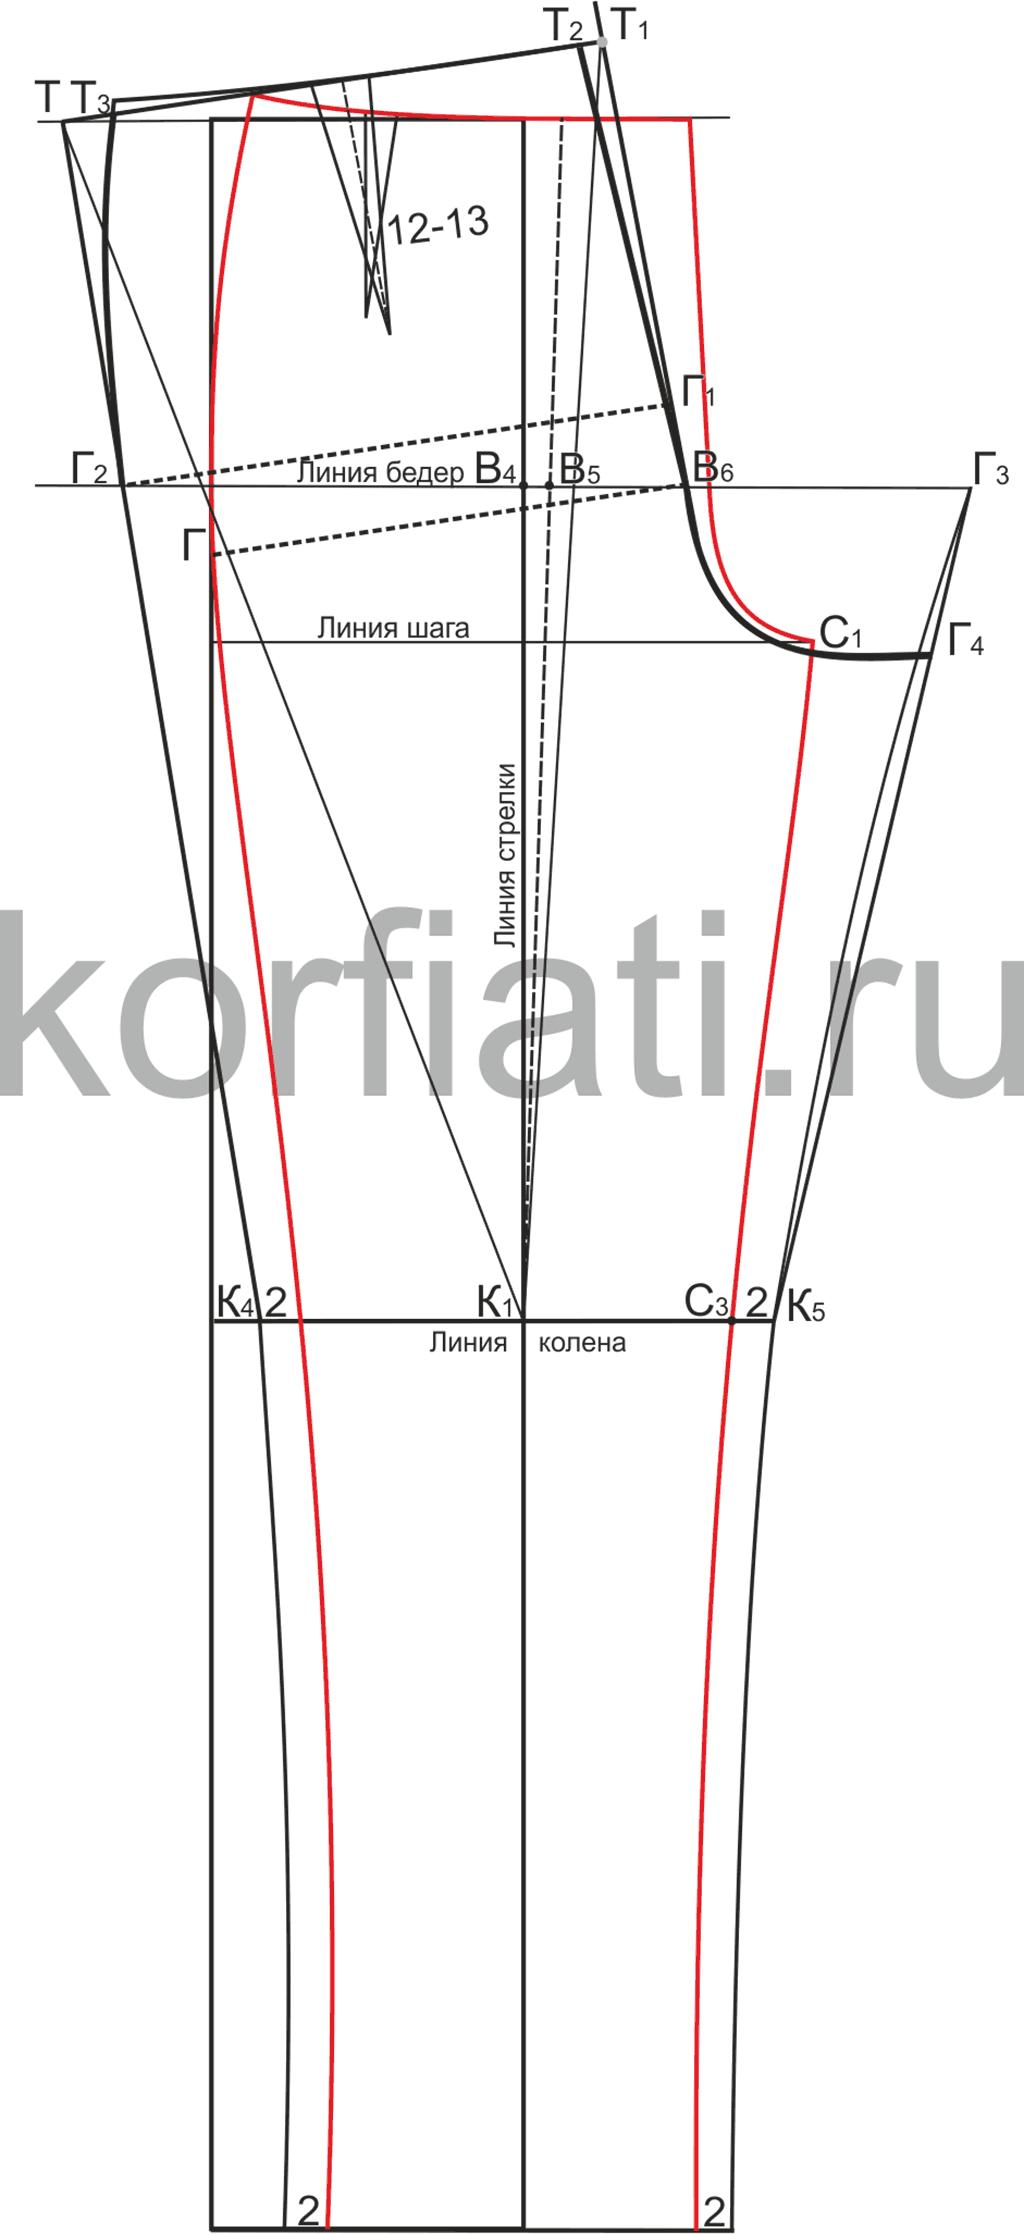 51fbc65bbd1dca2 Пошаговое построение выкройки женских брюк Корфиати | Брюки | Pants ...